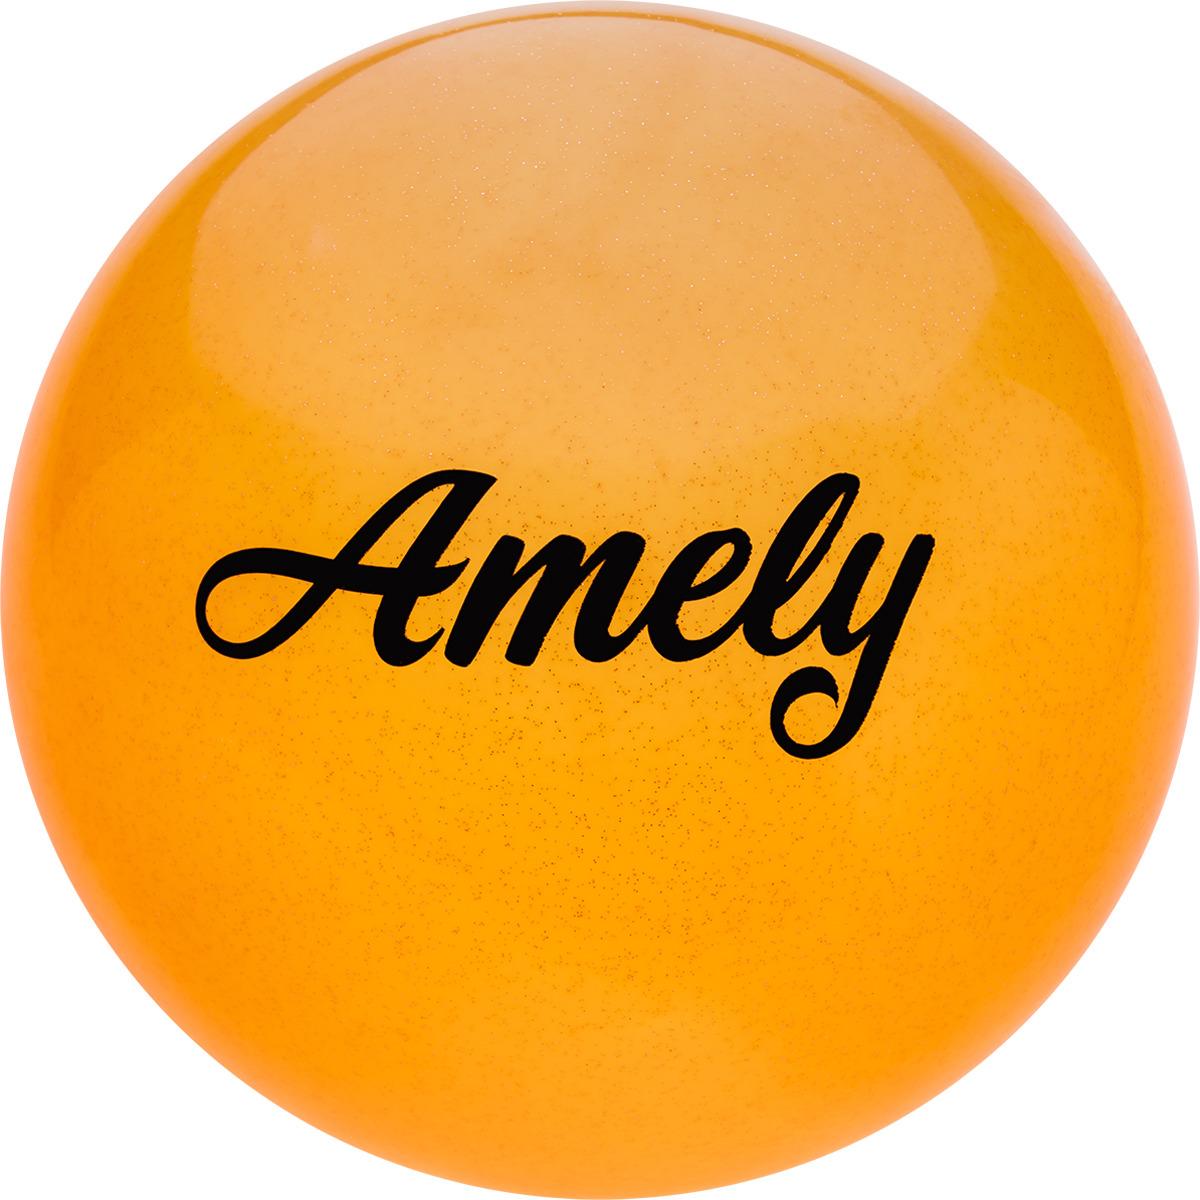 Мяч для художественной гимнастики Amely AGR-102, диаметр 15 см, цвет: оранжевый с блестками женский купальник для художественной гимнастики черный бирюзовый с блестками